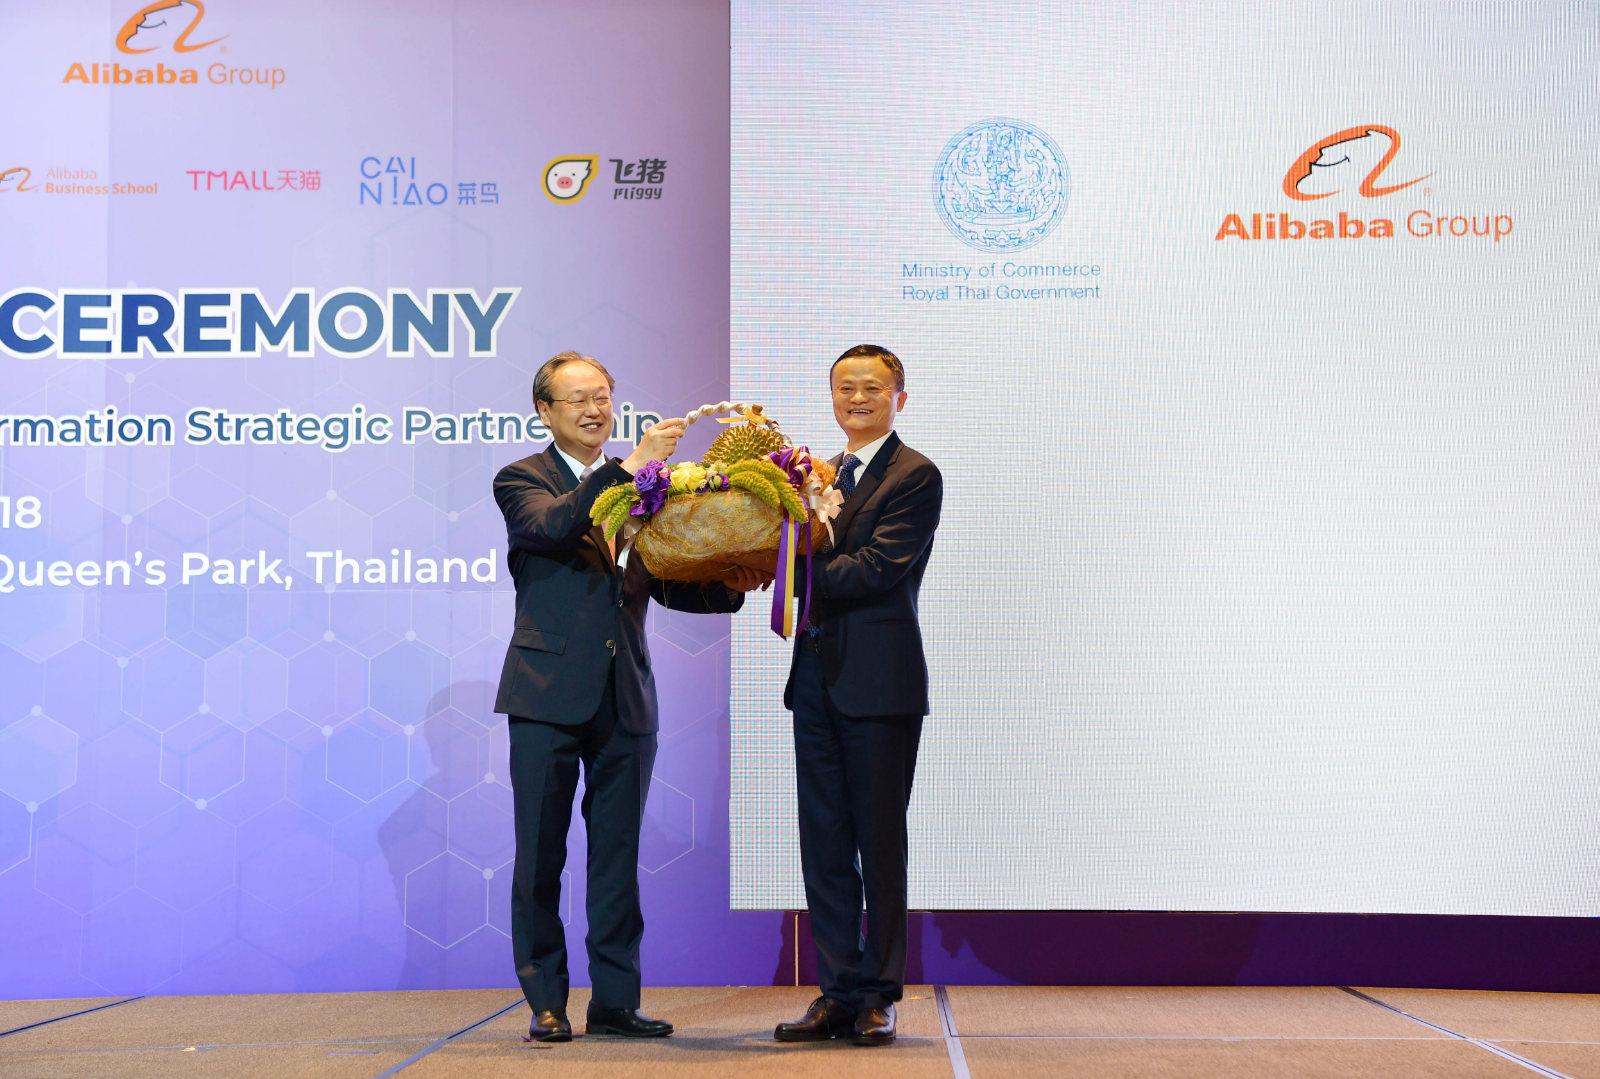 泰国商务部长向马云赠送金枕头榴莲,这种榴莲在天猫上1分钟卖出了8万个 _meitu_18